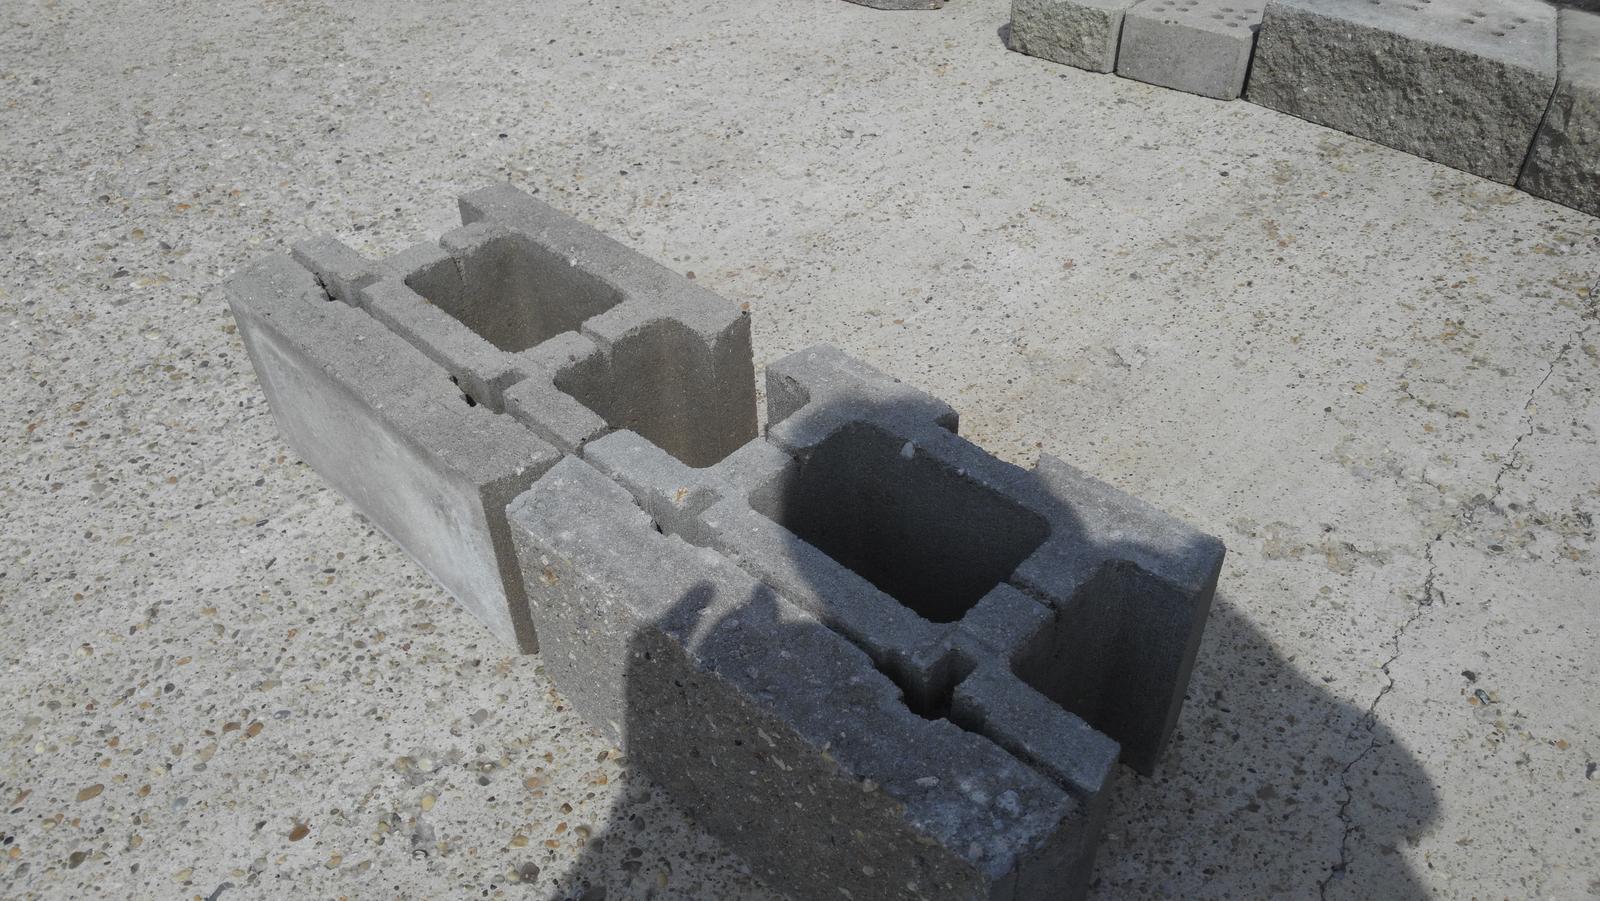 07 Vegetačný oporný múr sa na jar prebúdza ( rozšírené 19.6.2020 ) - Tvárnica s povrchom zo štiepaného betónu pre výstavbu OM suchým spôsobom.